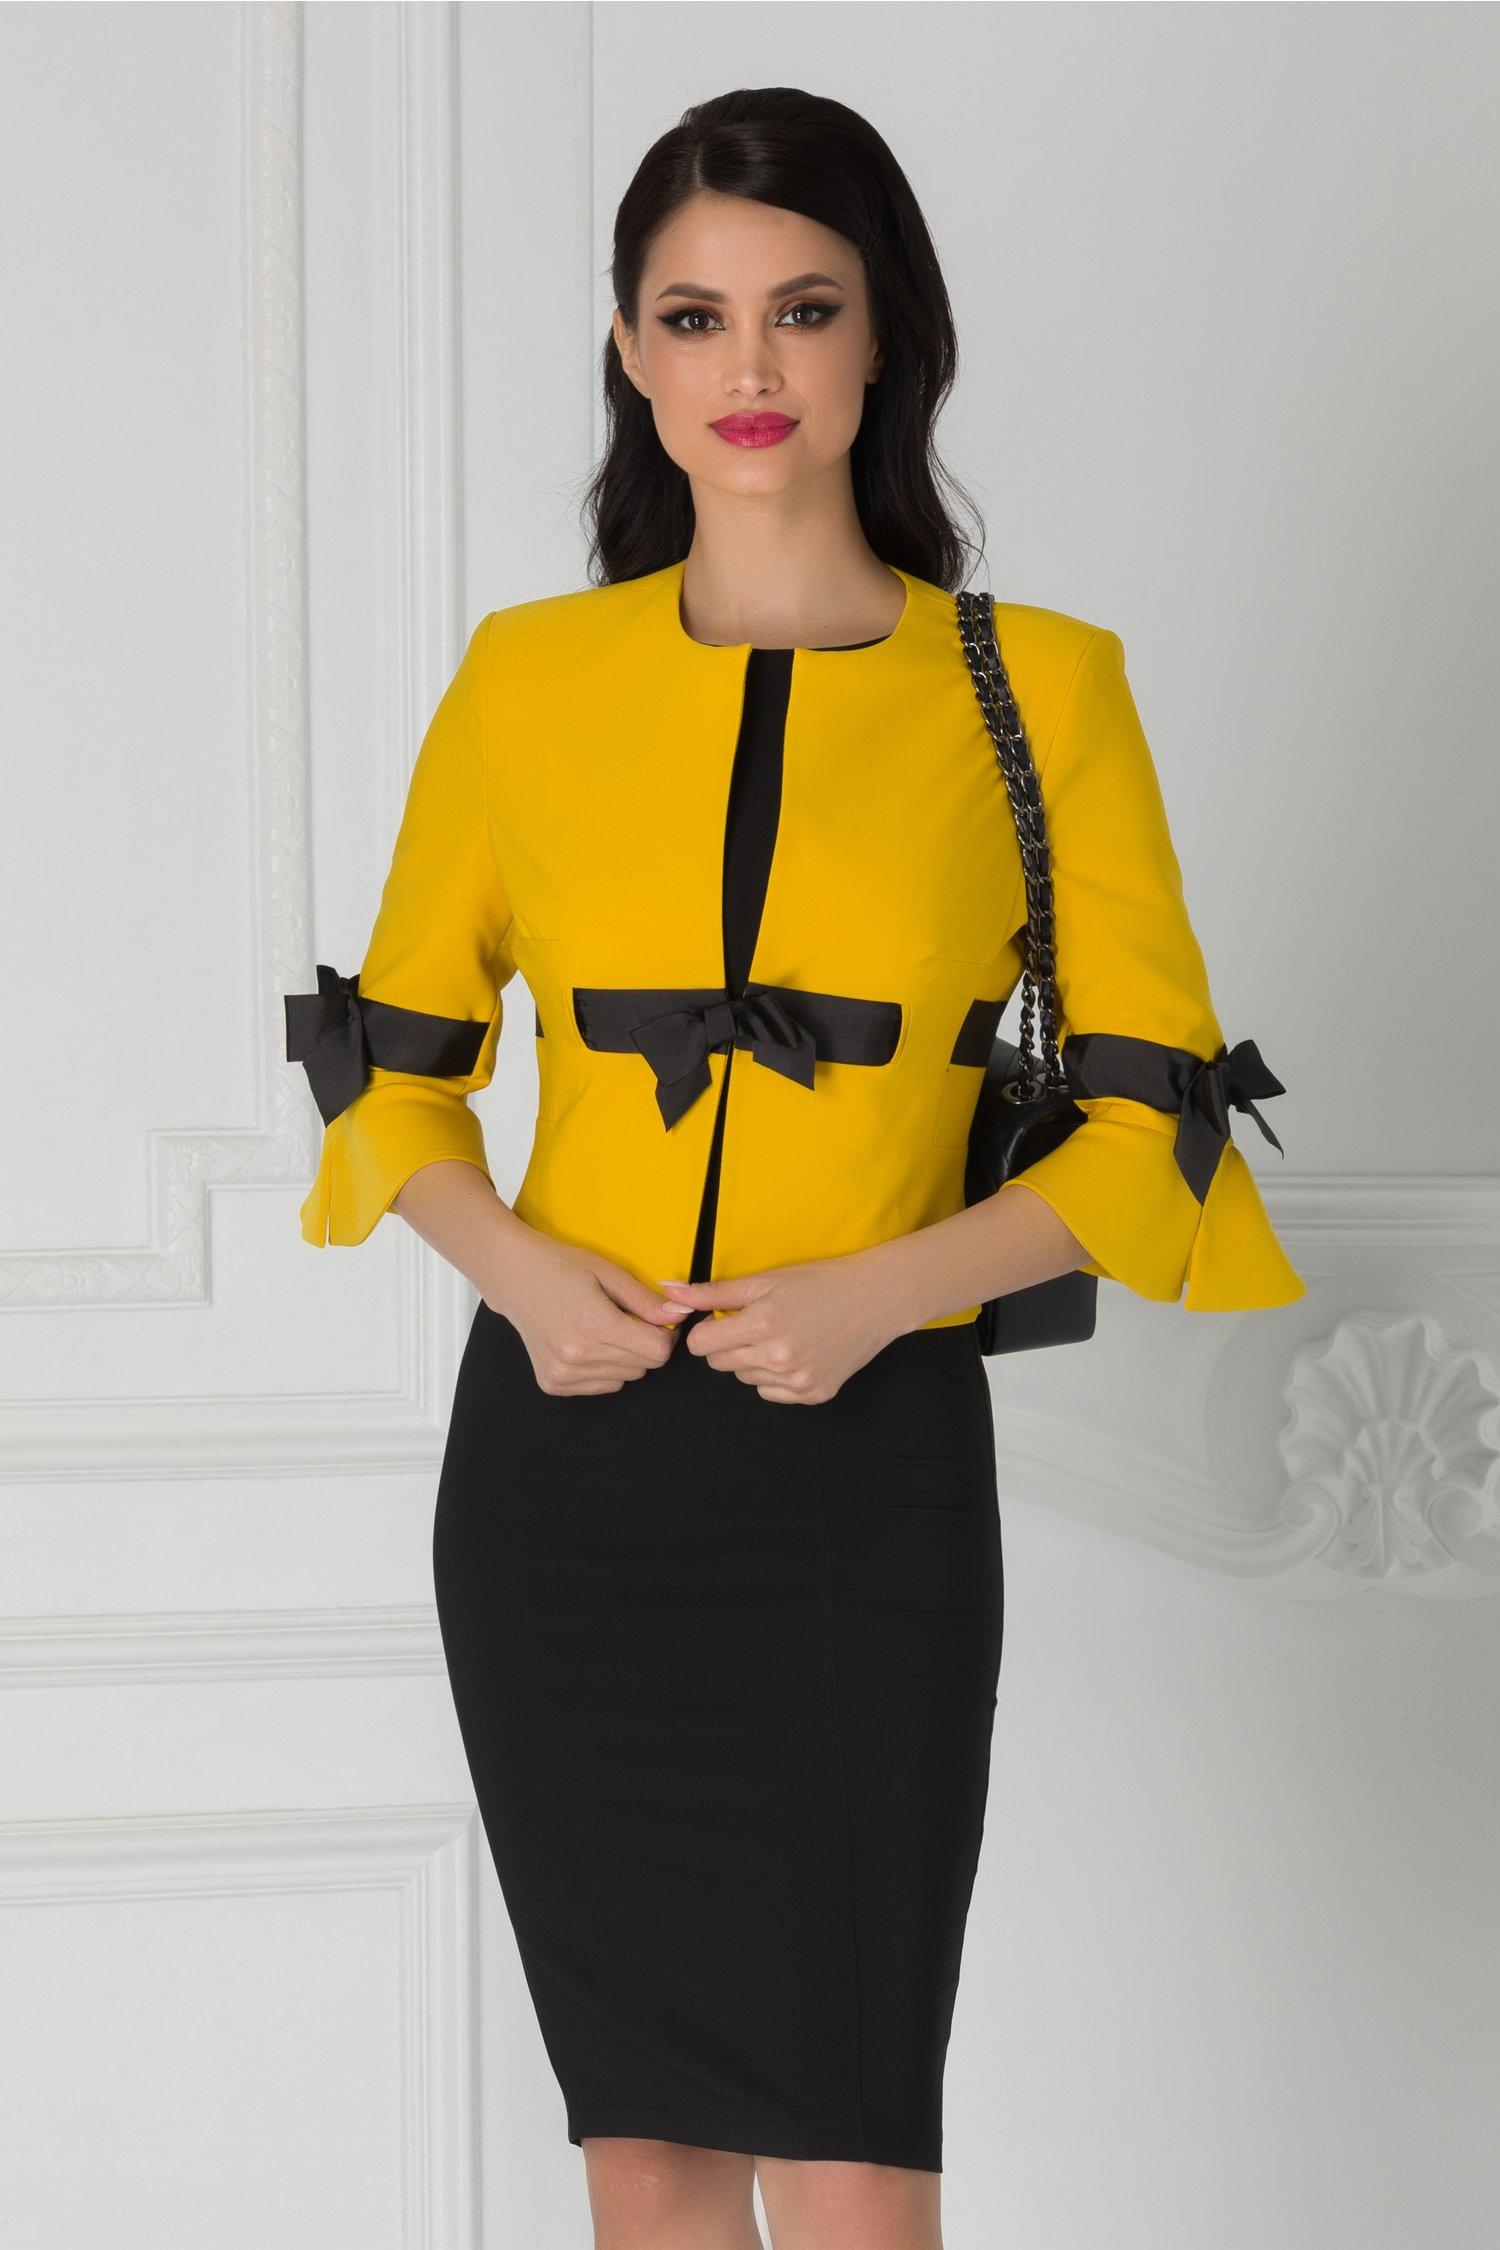 Compleu LaDonna cu sacou galben si rochie neagra